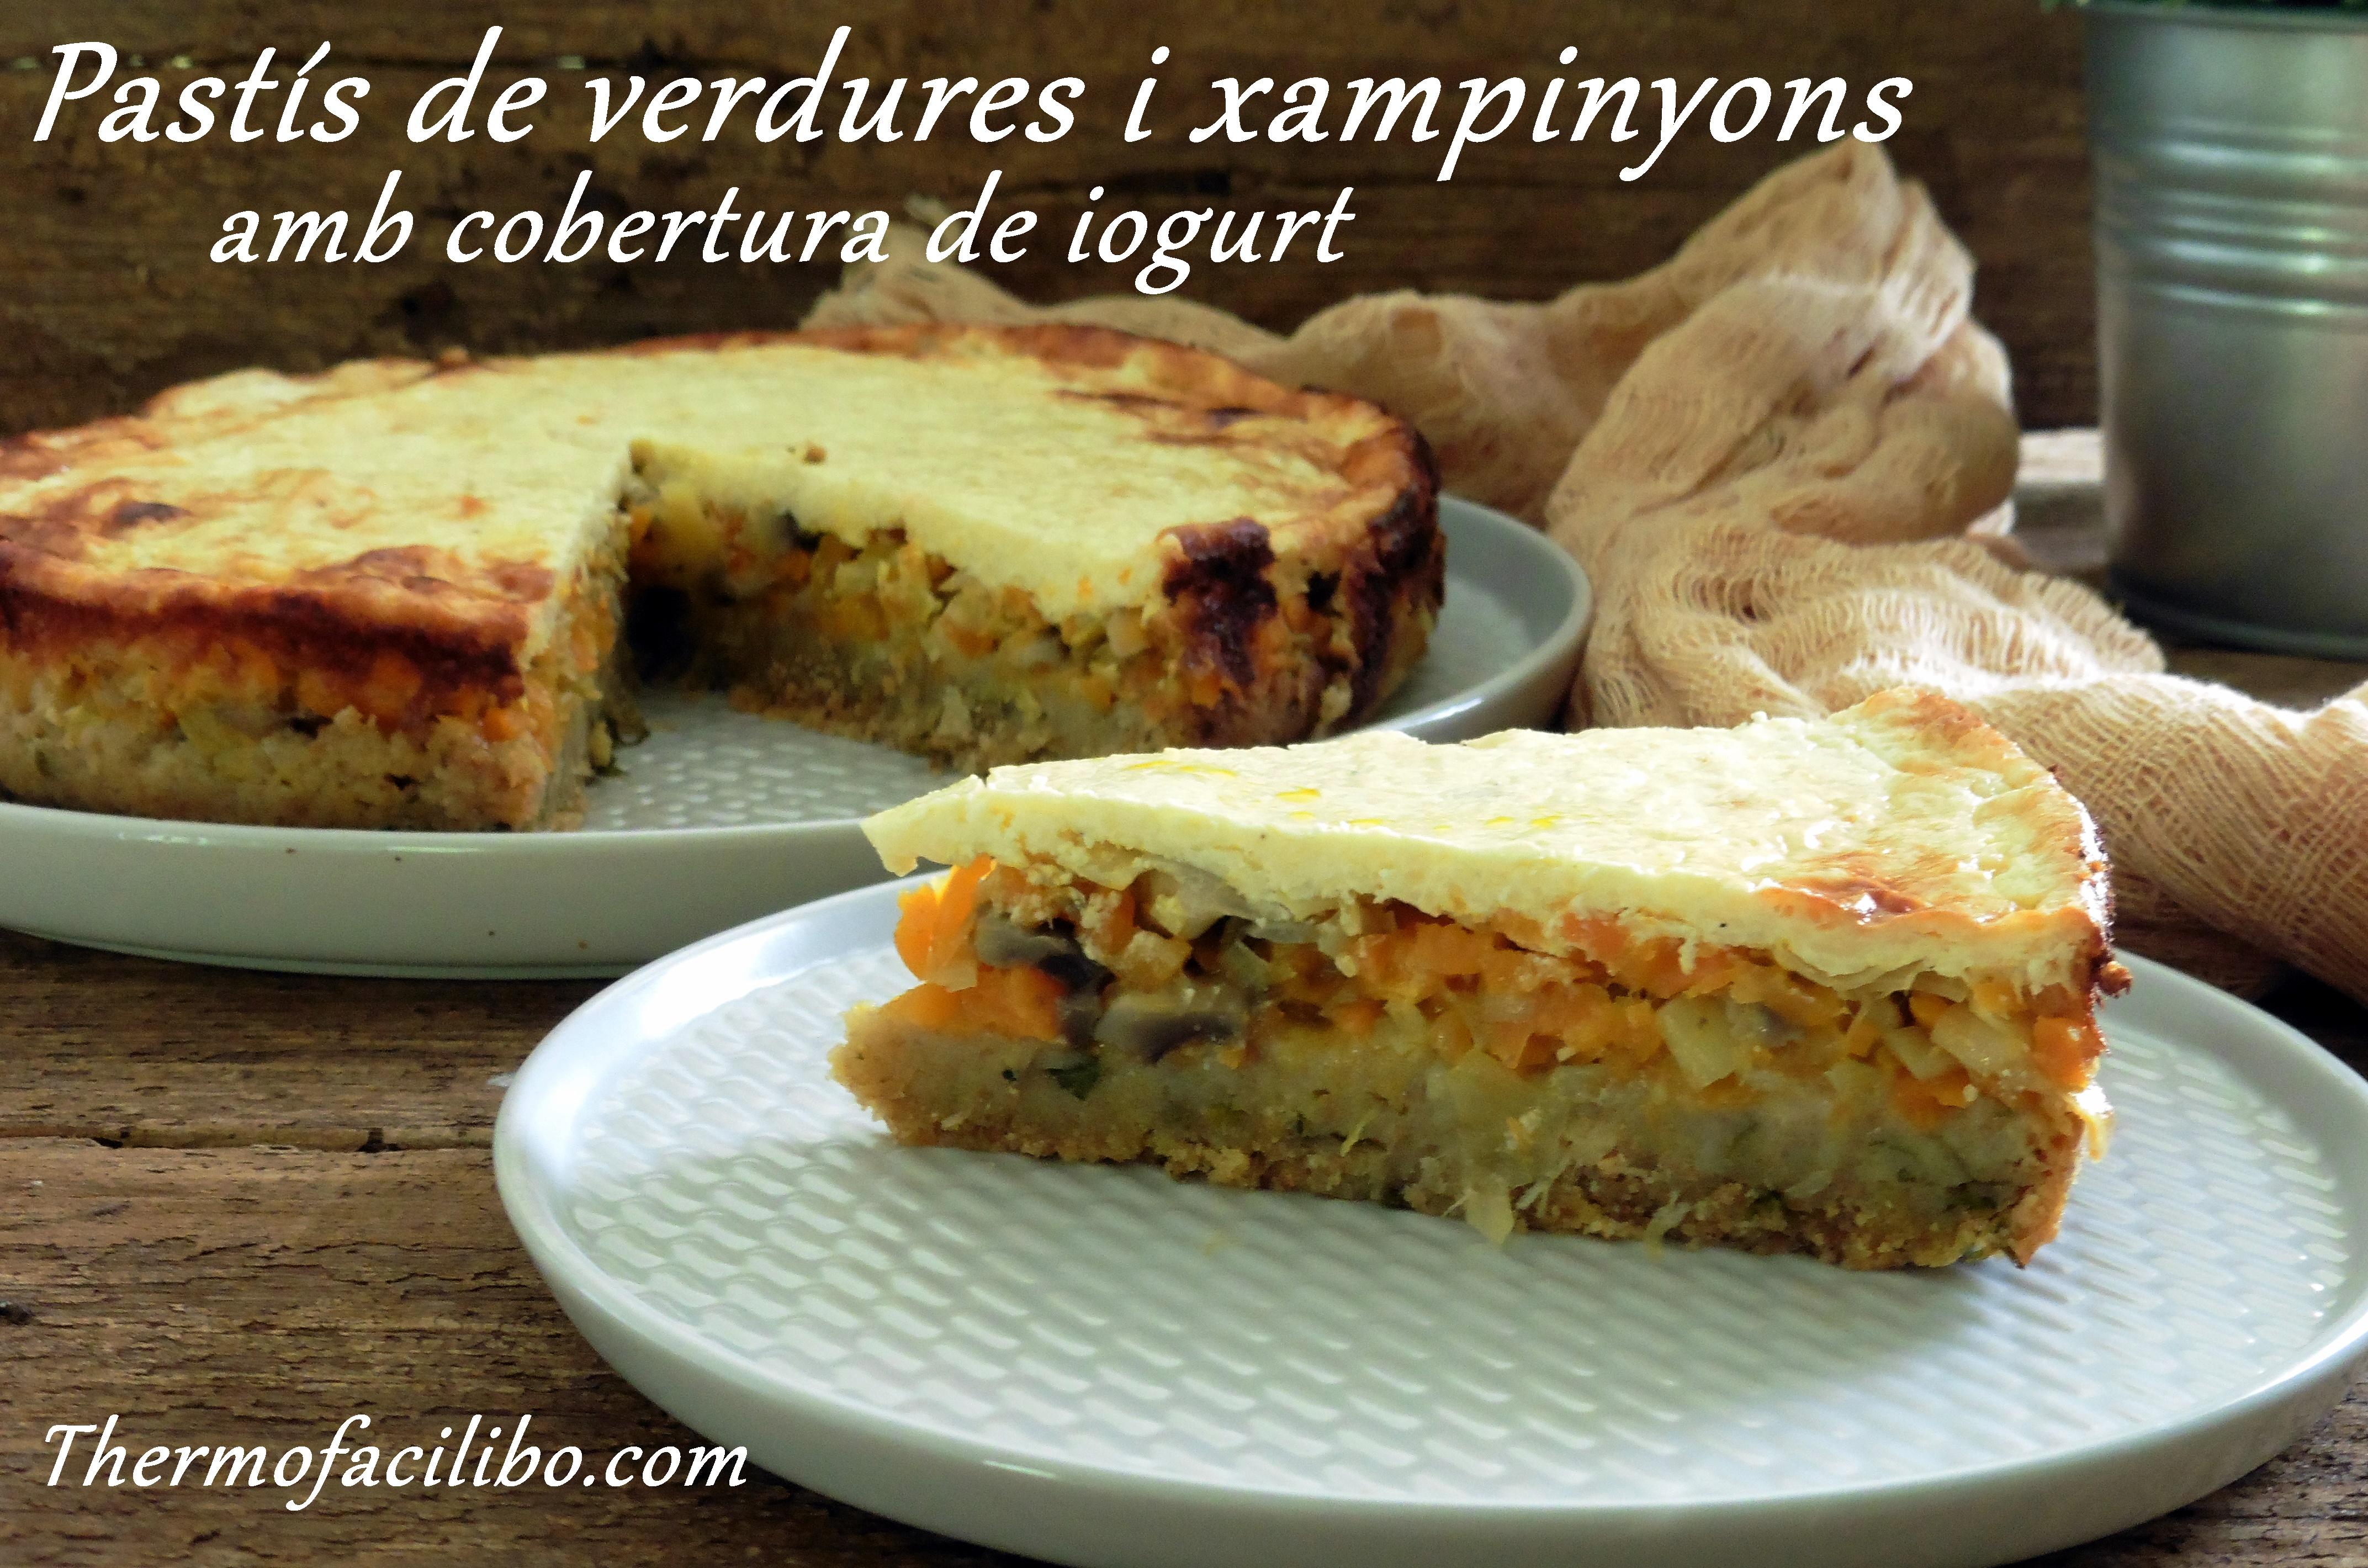 Pastís de verdures i xampinyons amb cobertura de iogurt.1